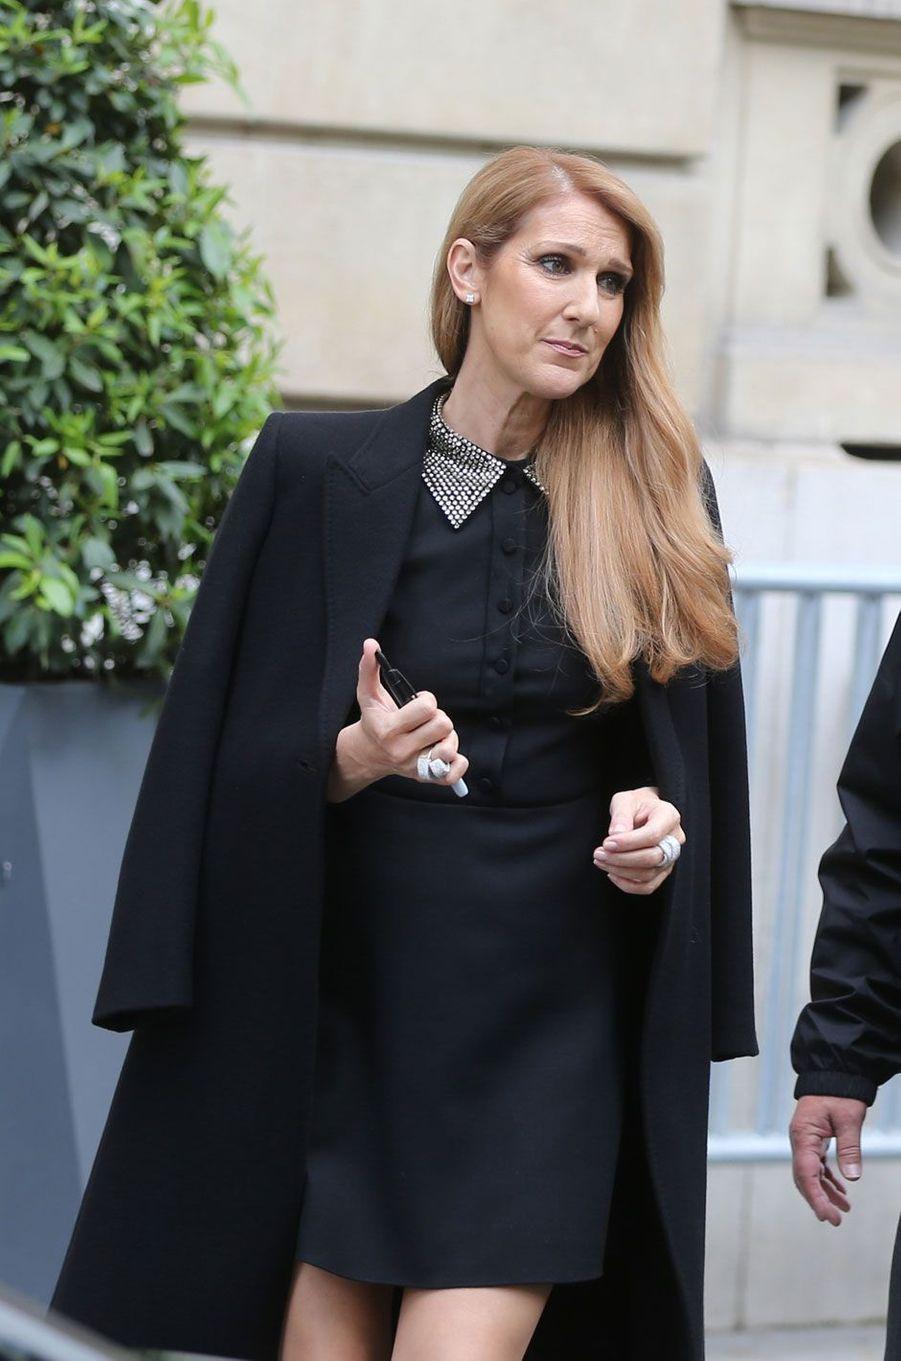 Céline Dion à la sortir de l'hôtel Royal Monceau à Paris